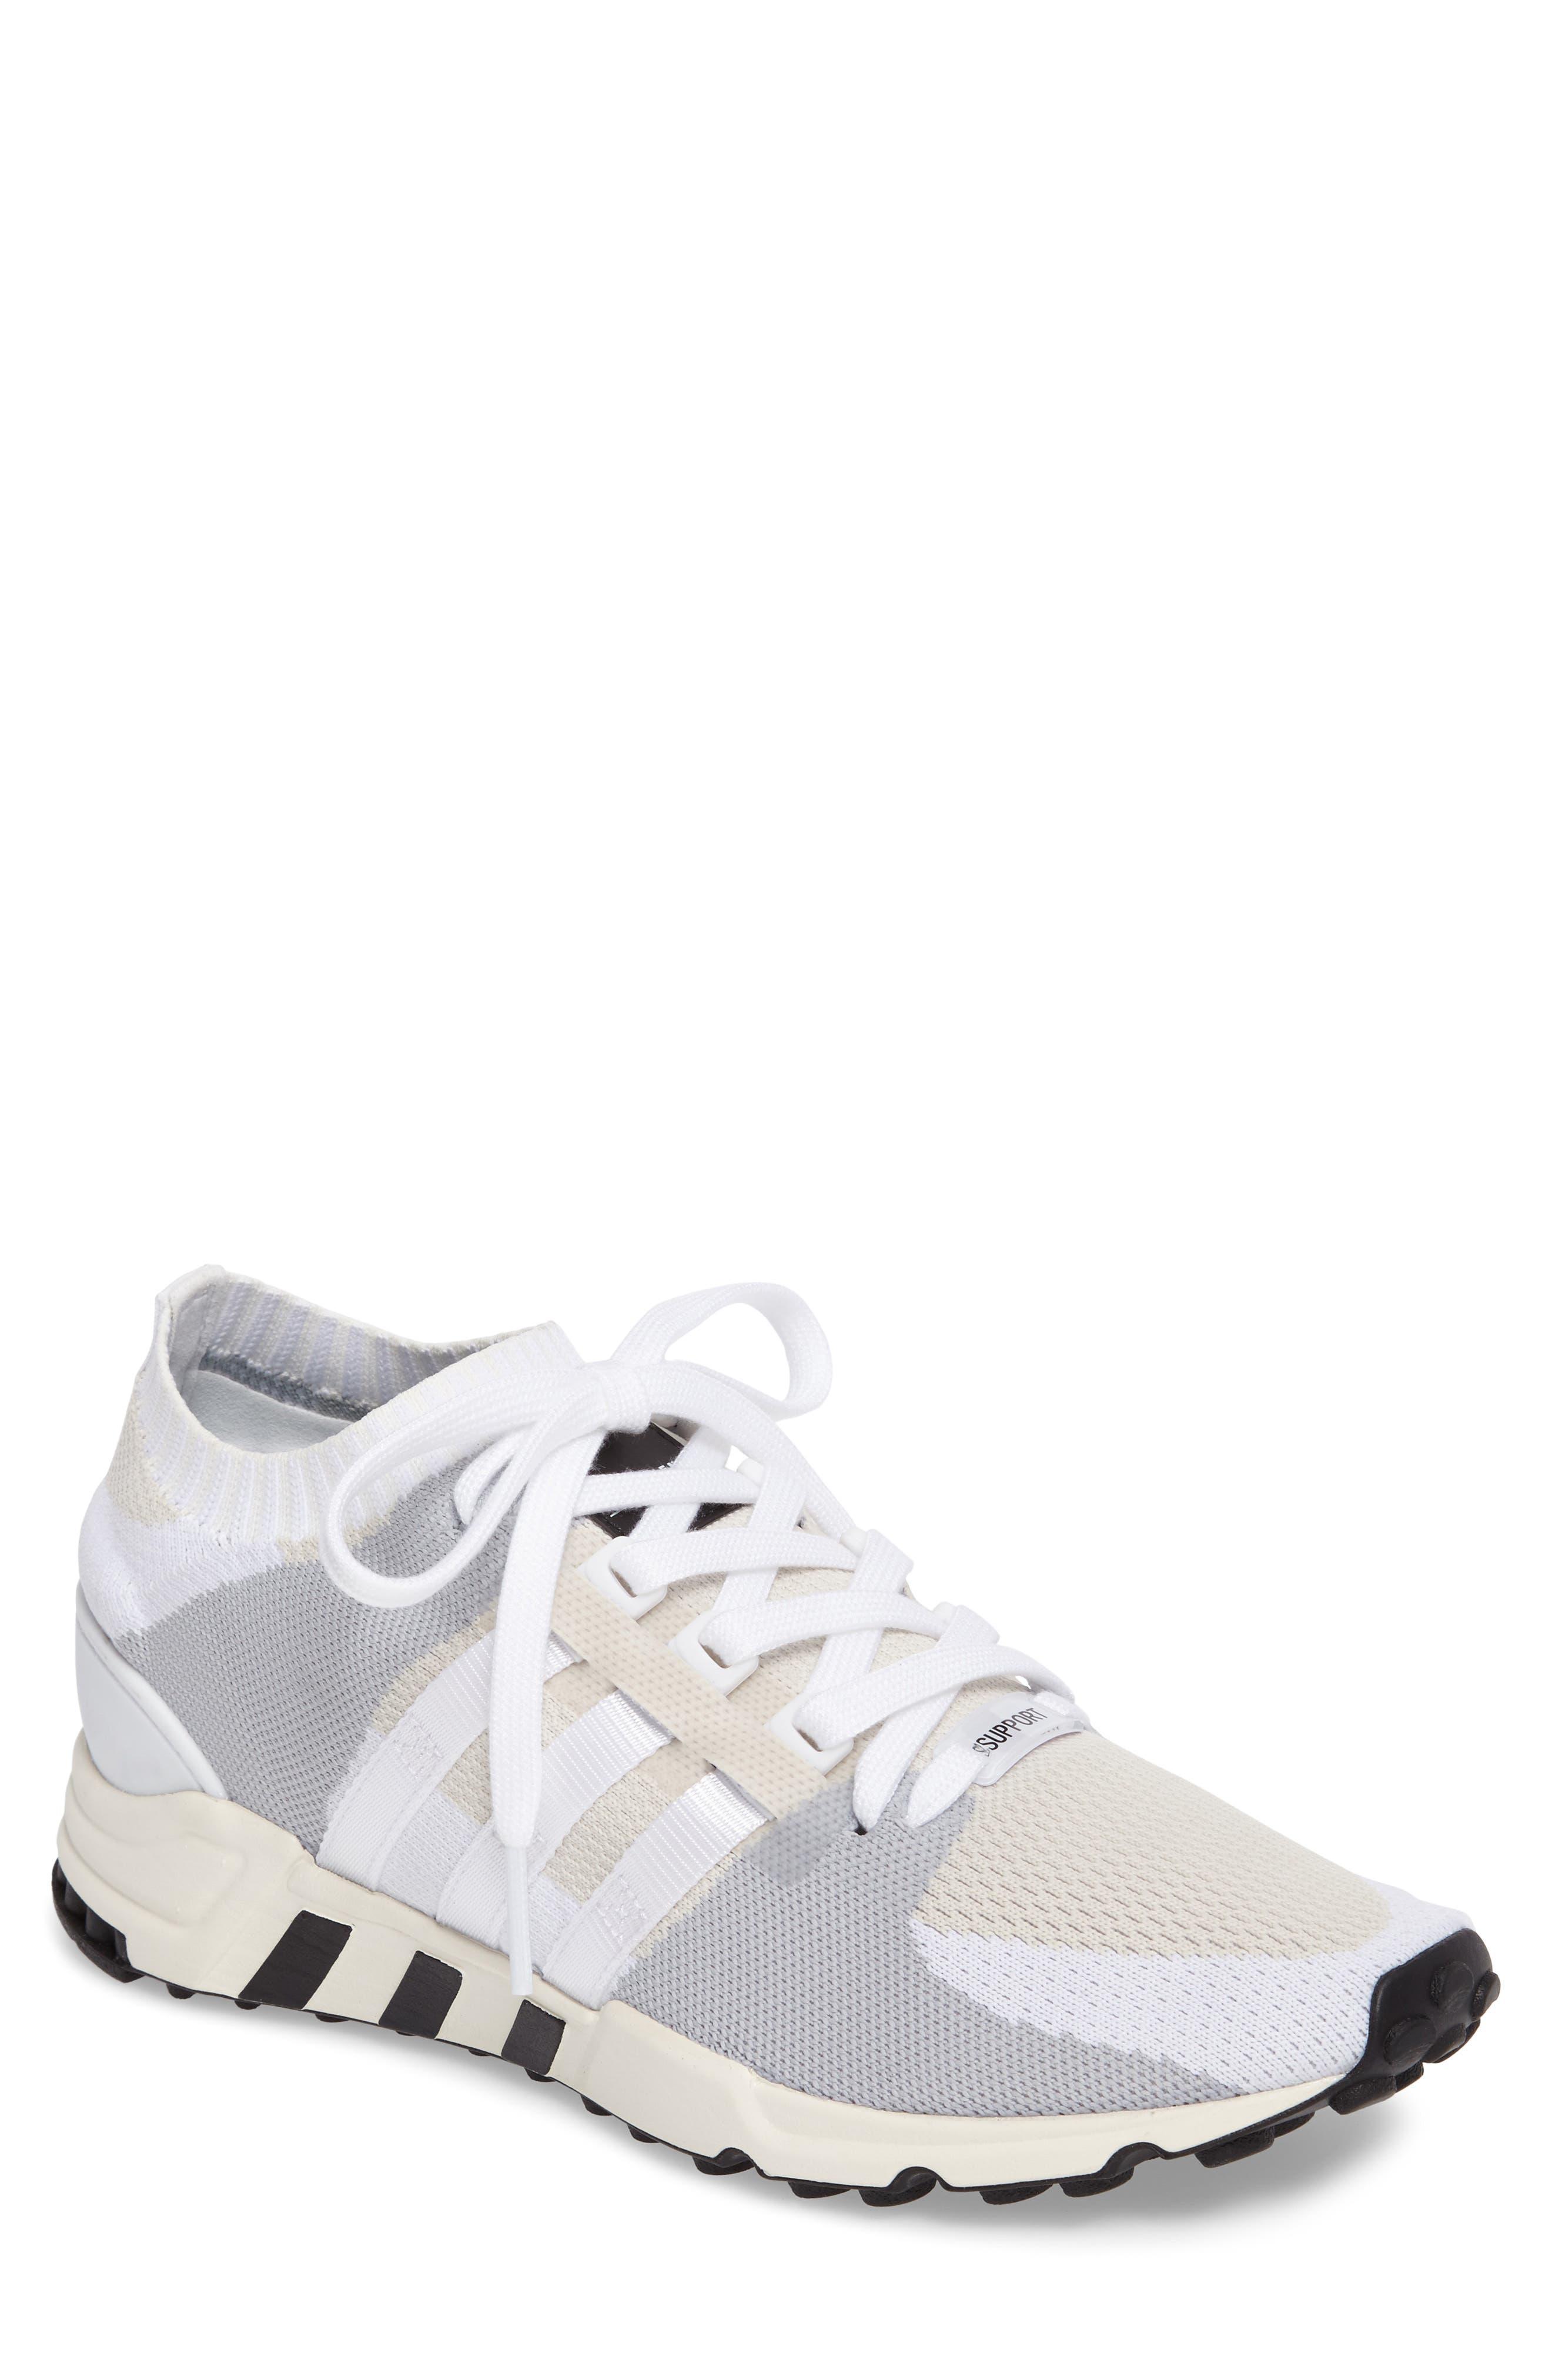 adidas EQT Support RF Primeknit Sneaker (Men)